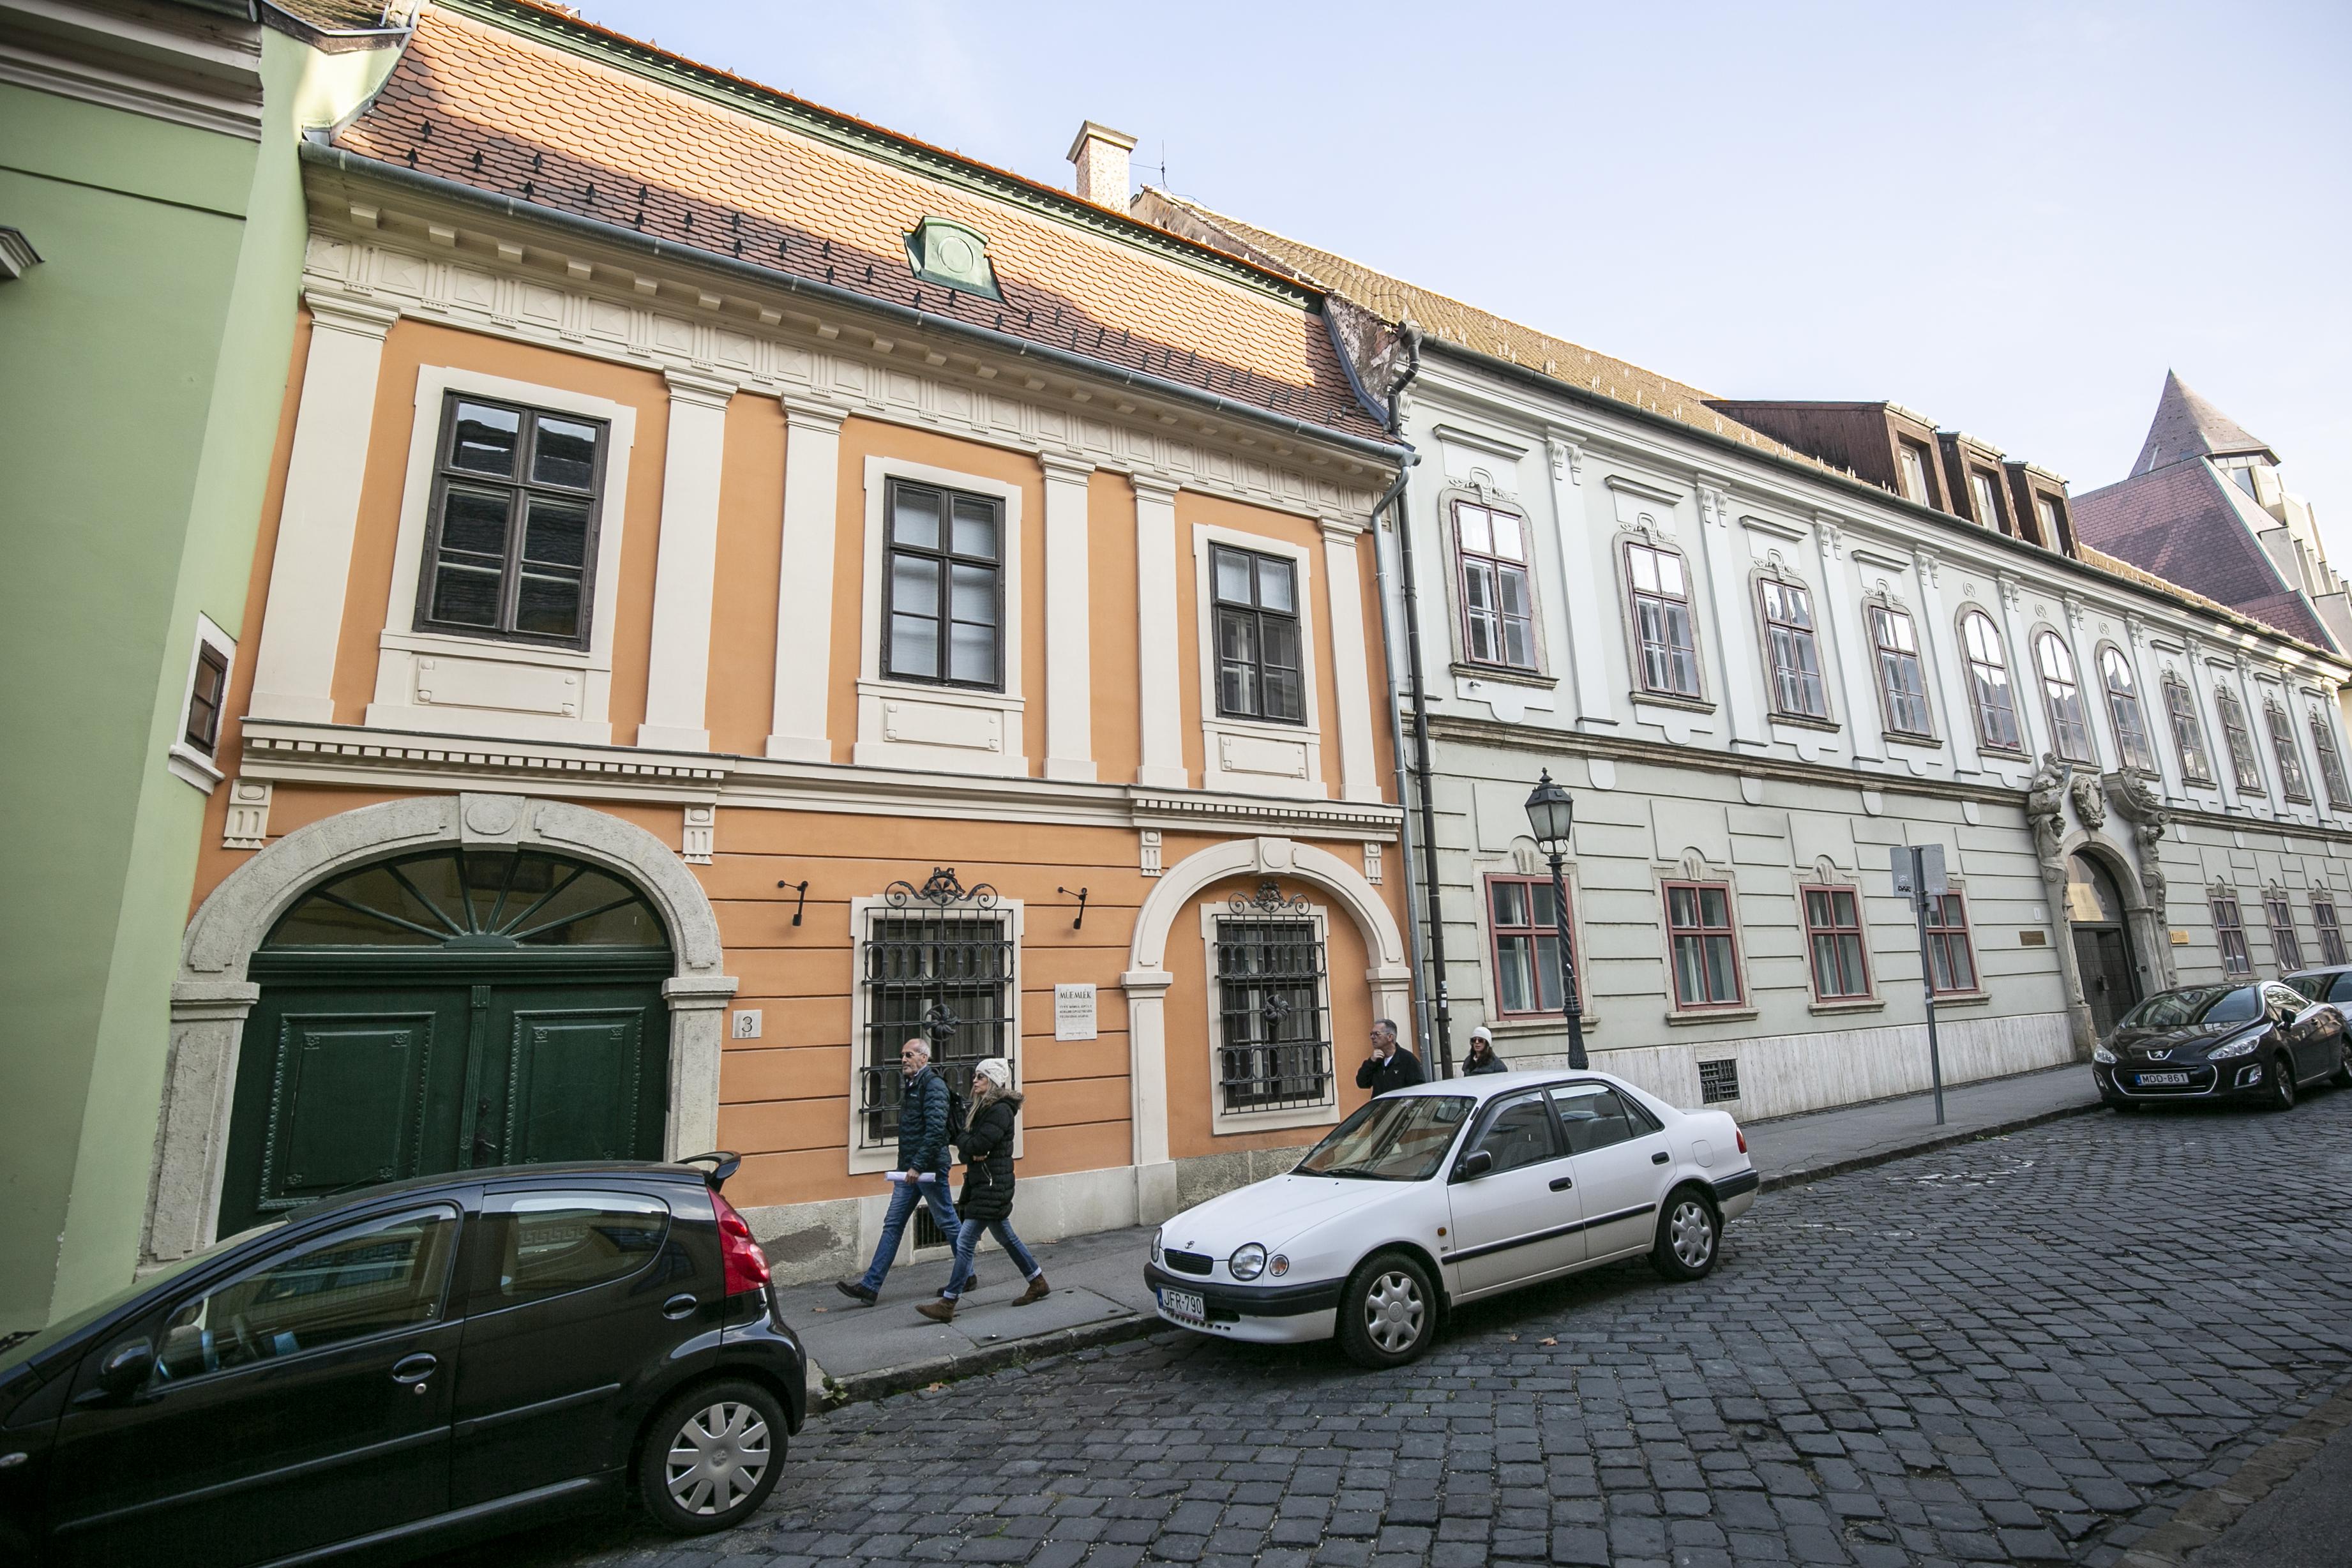 Megszavazta a parlament a lakástörvényt, ami piaci ár alatt adja el a világörökségi területeken lévő bérlakásokat